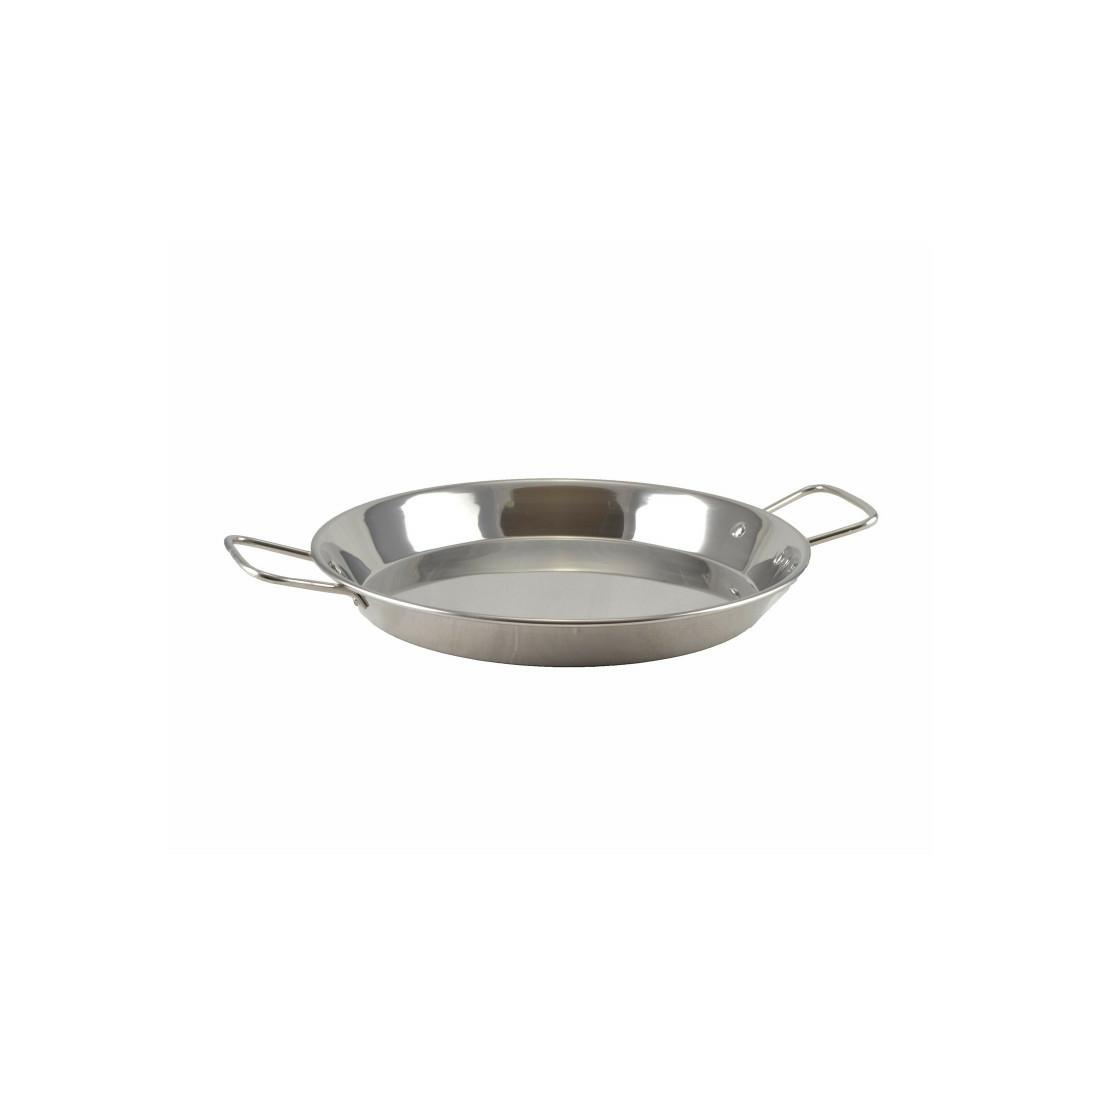 Rozsdamentes paella sütőtál 32 cm